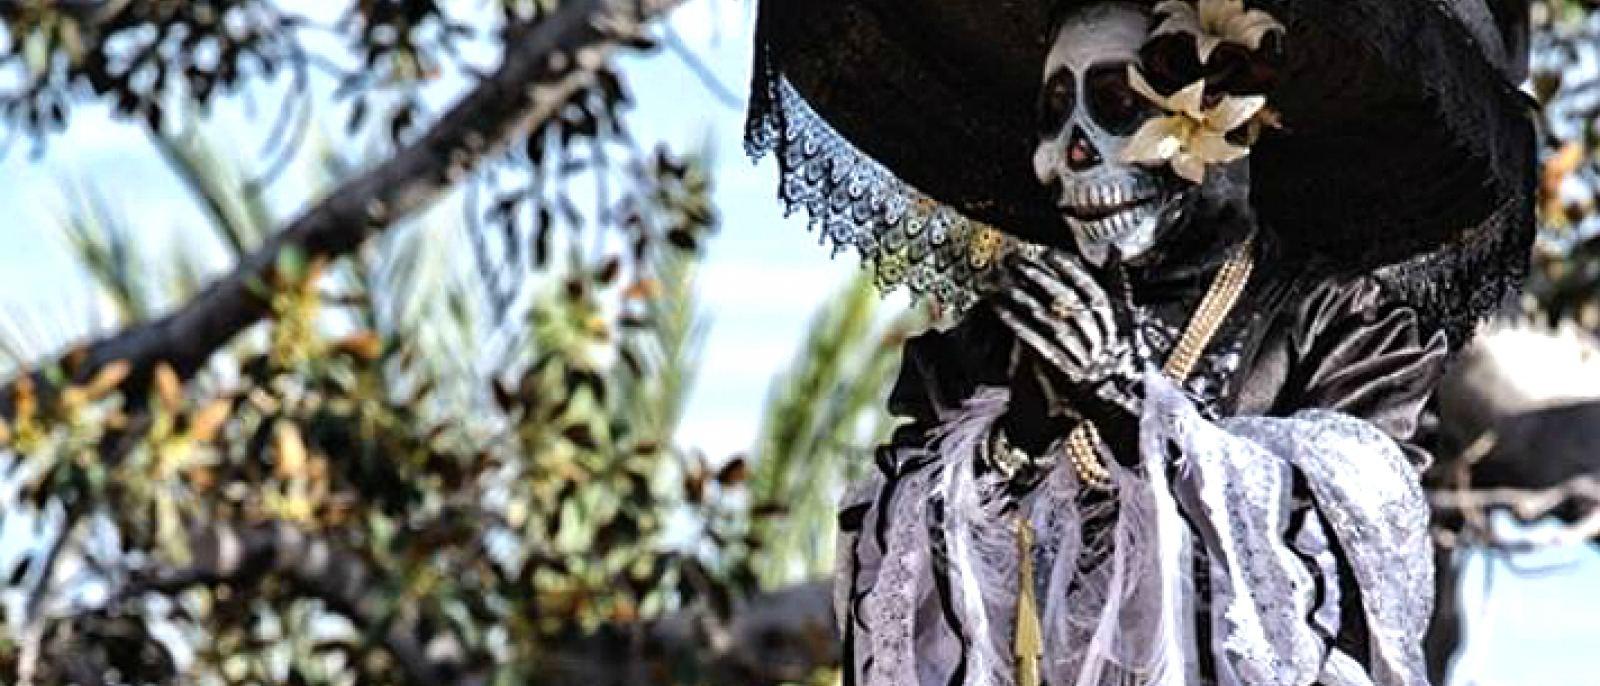 Dia de los Muertos Festival at Olvera Street